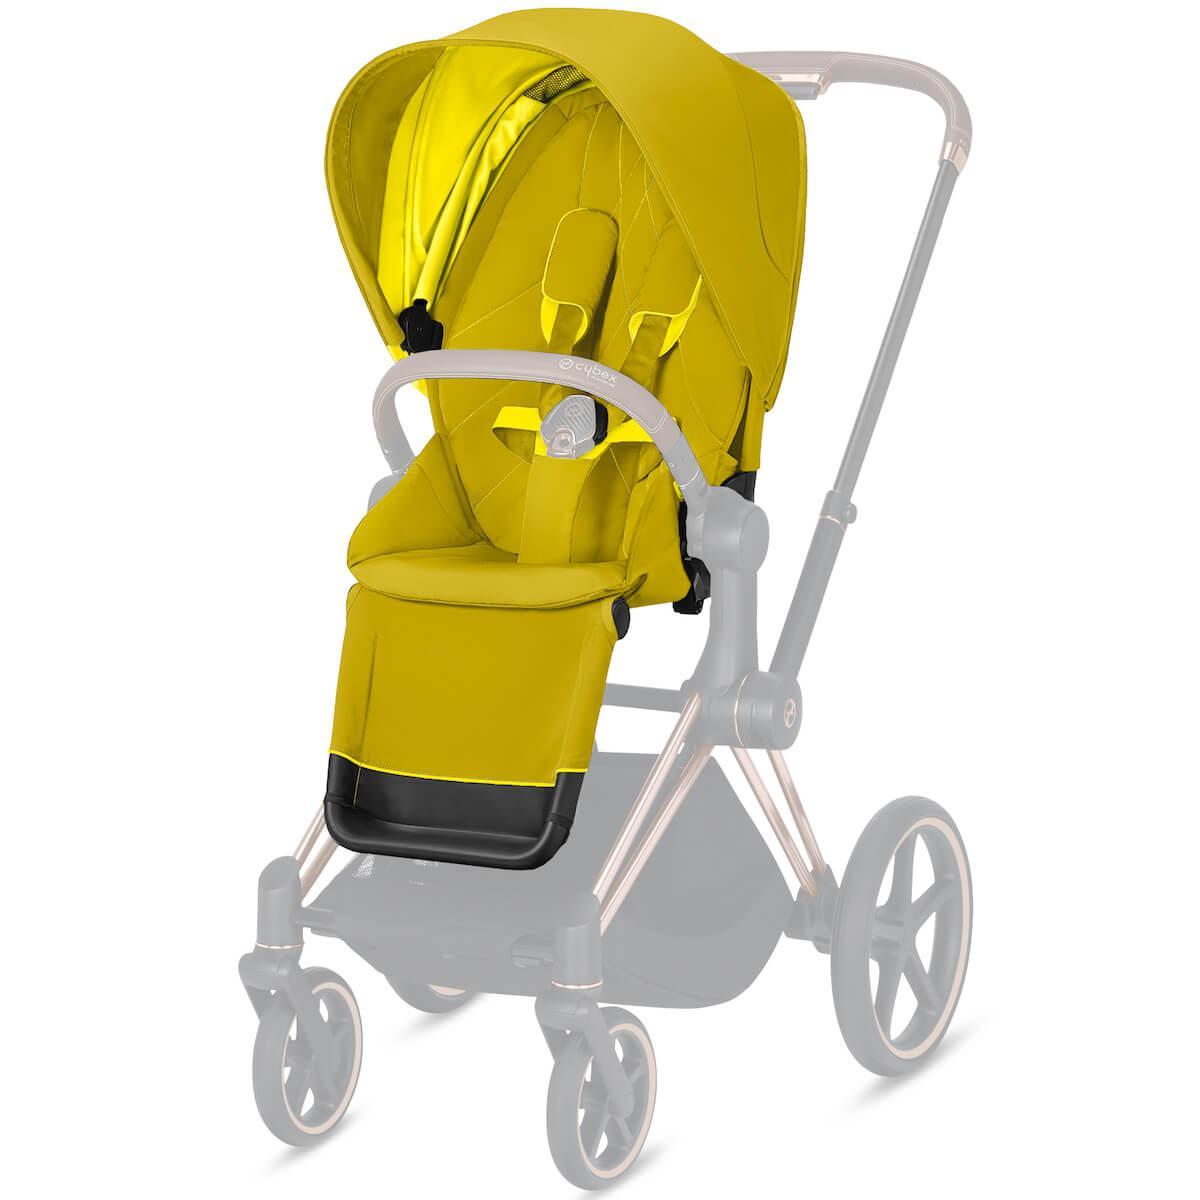 Seat Pack PRIAM Cybex Mustard Yellow